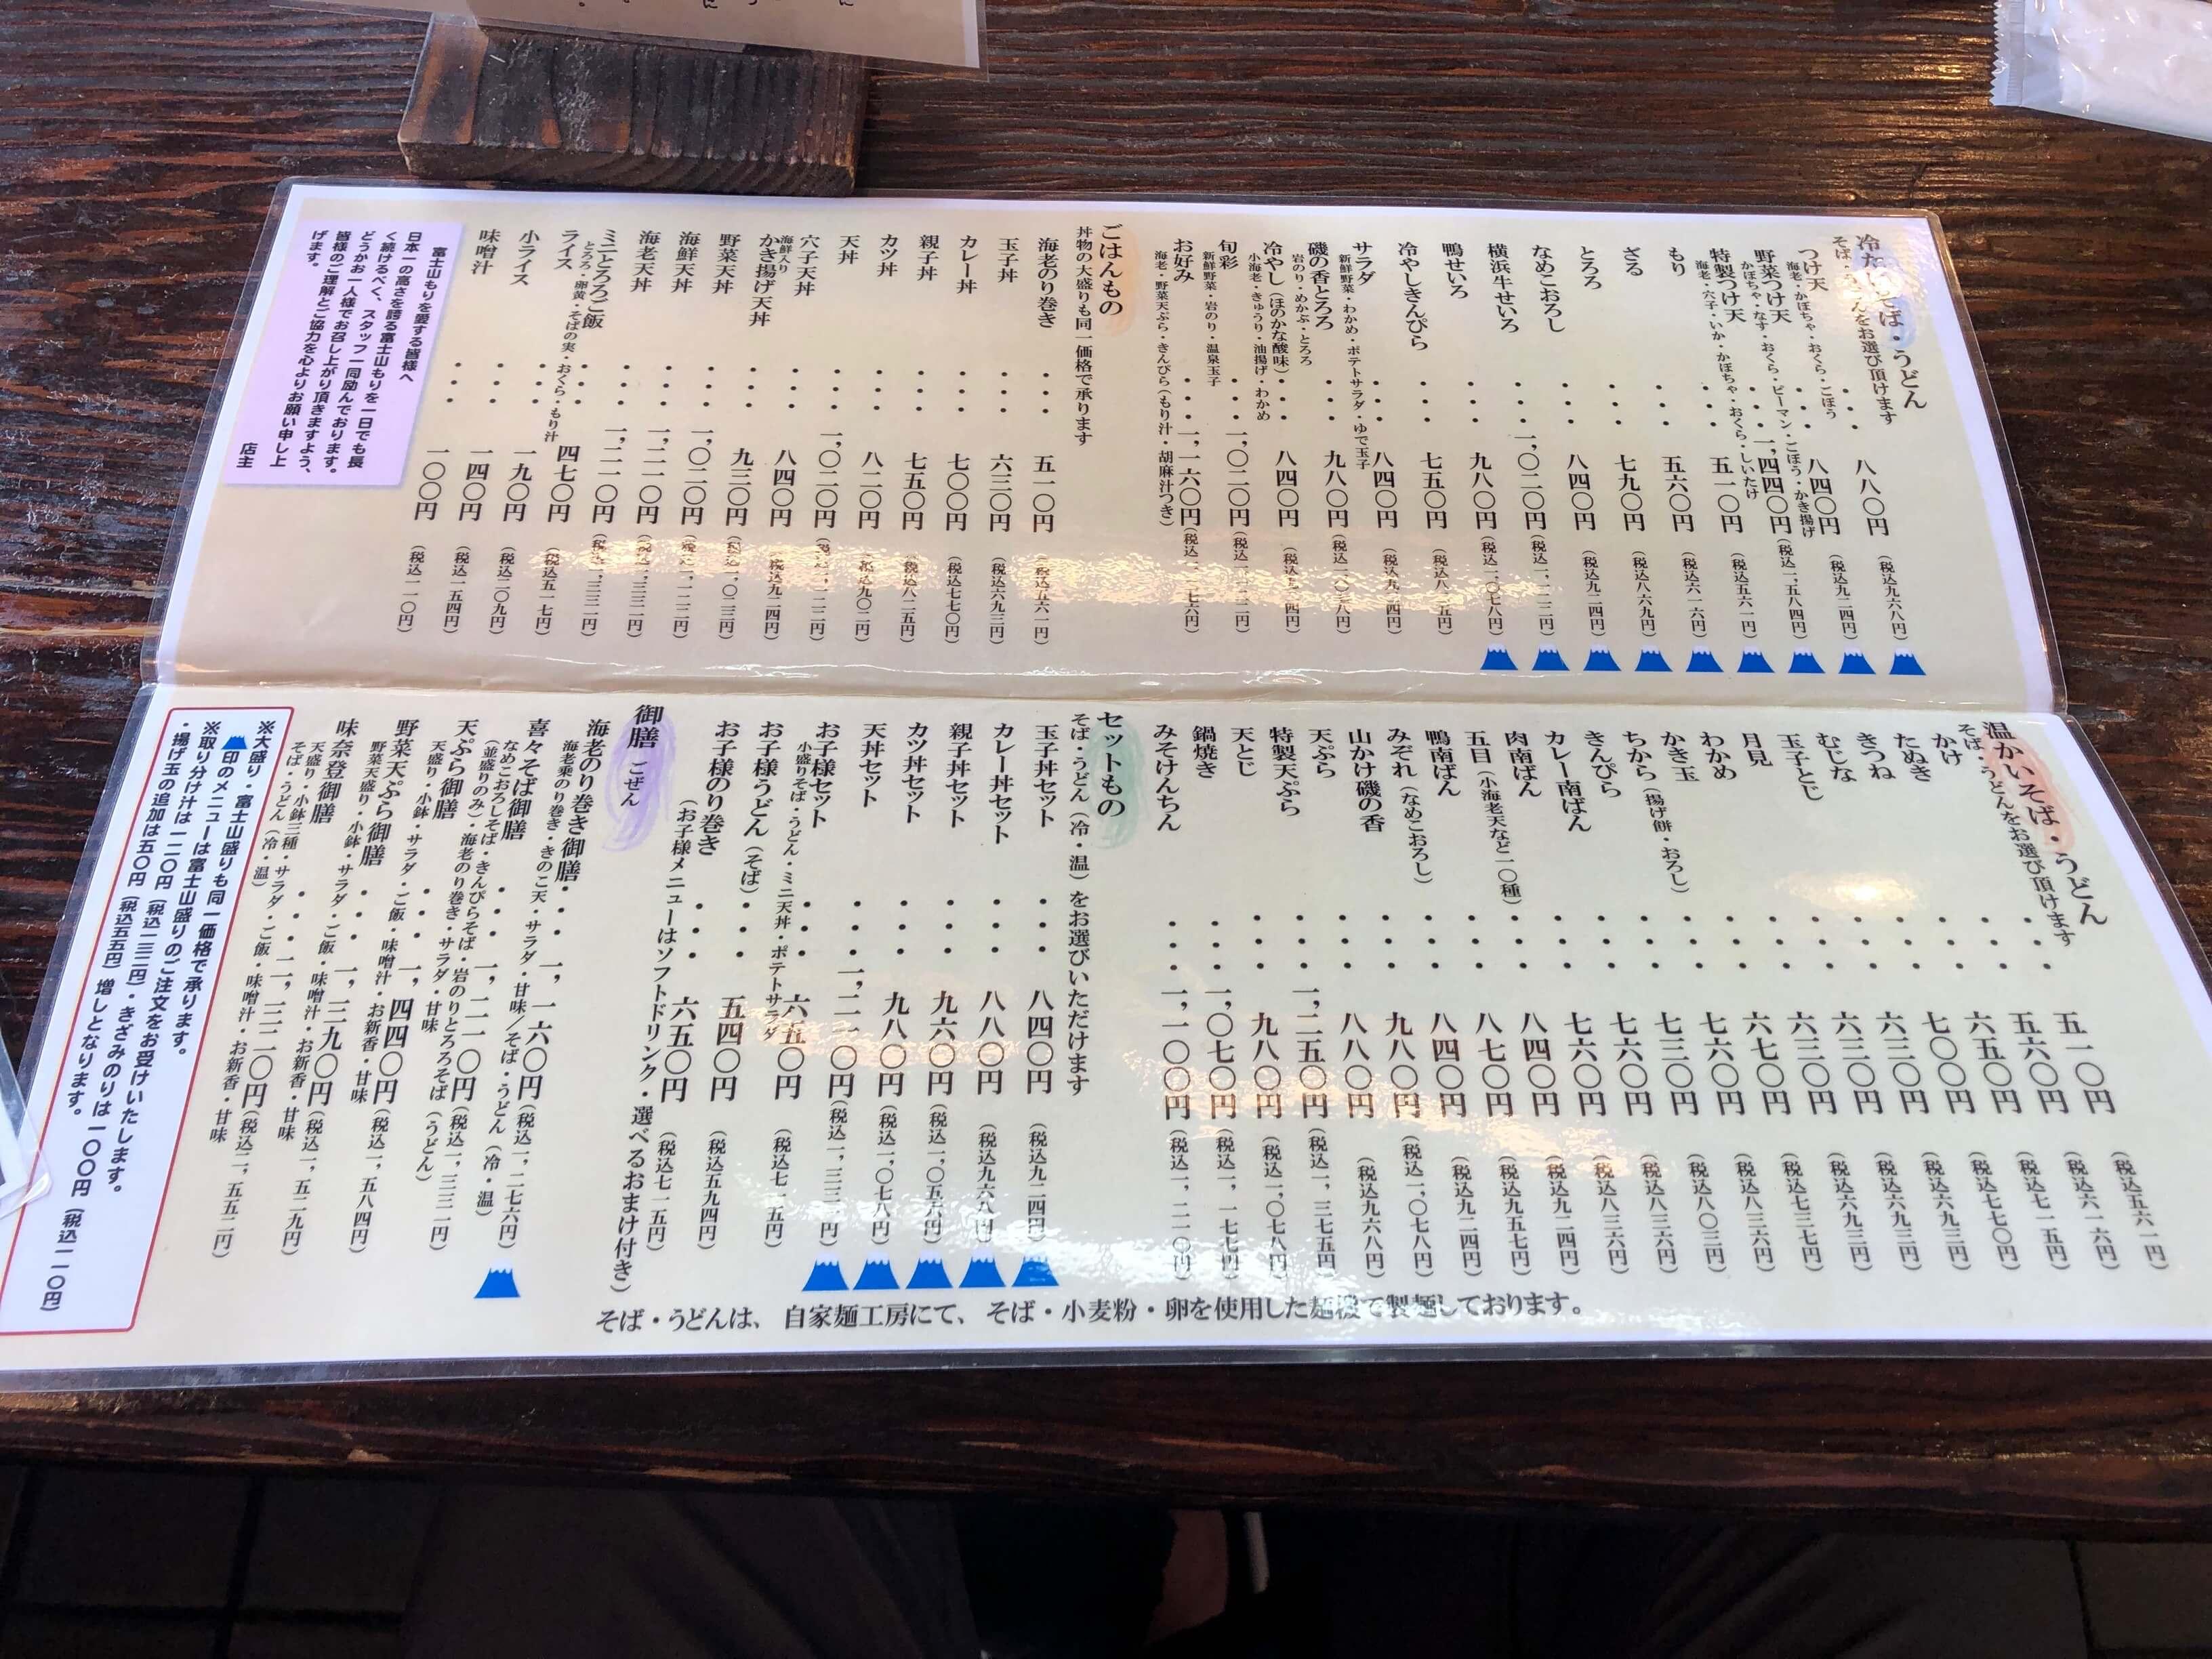 味奈登庵 総本店メニュー2020.07.02_02